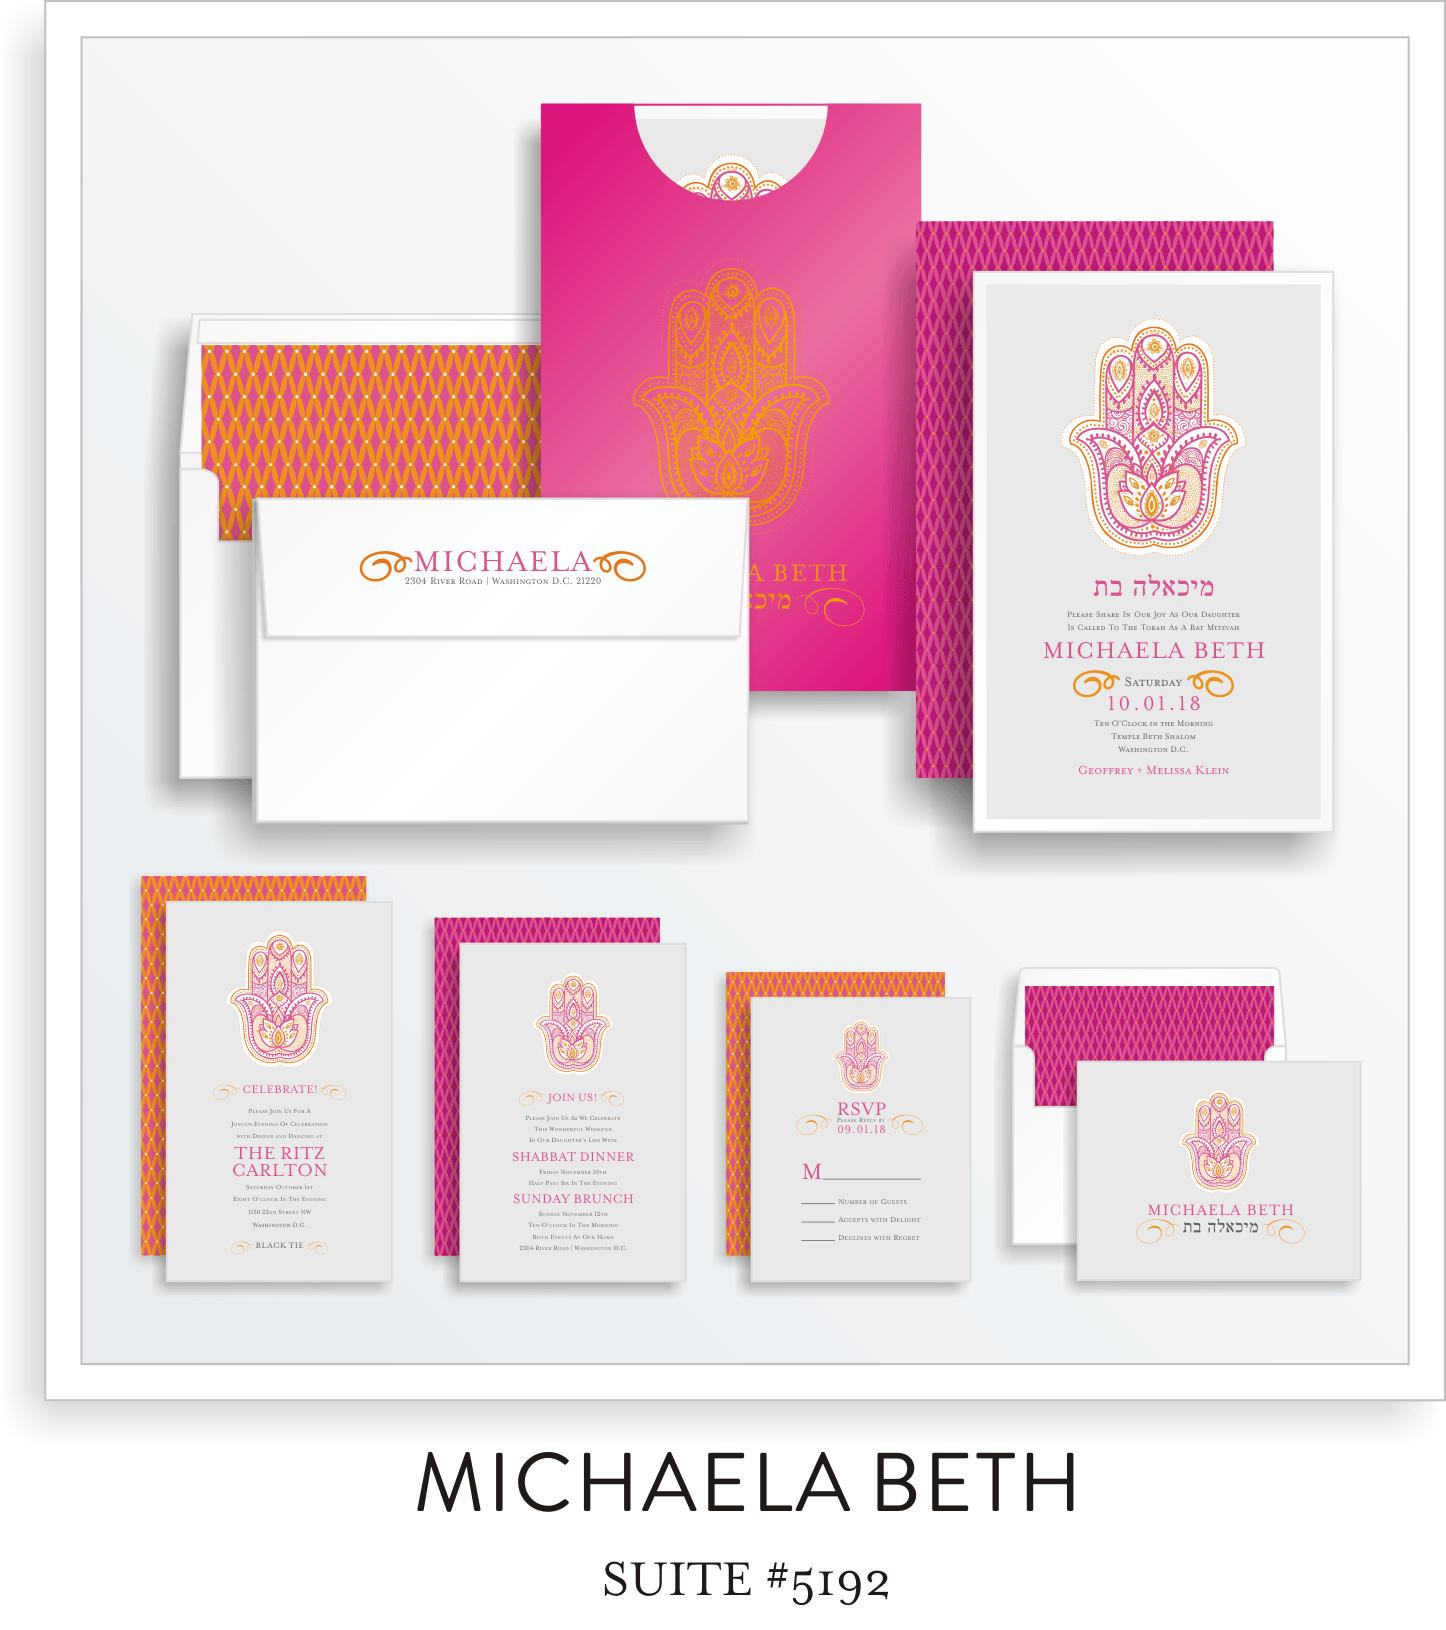 Bat Mitzvah Invitation Suite 5192 - Michaela Beth